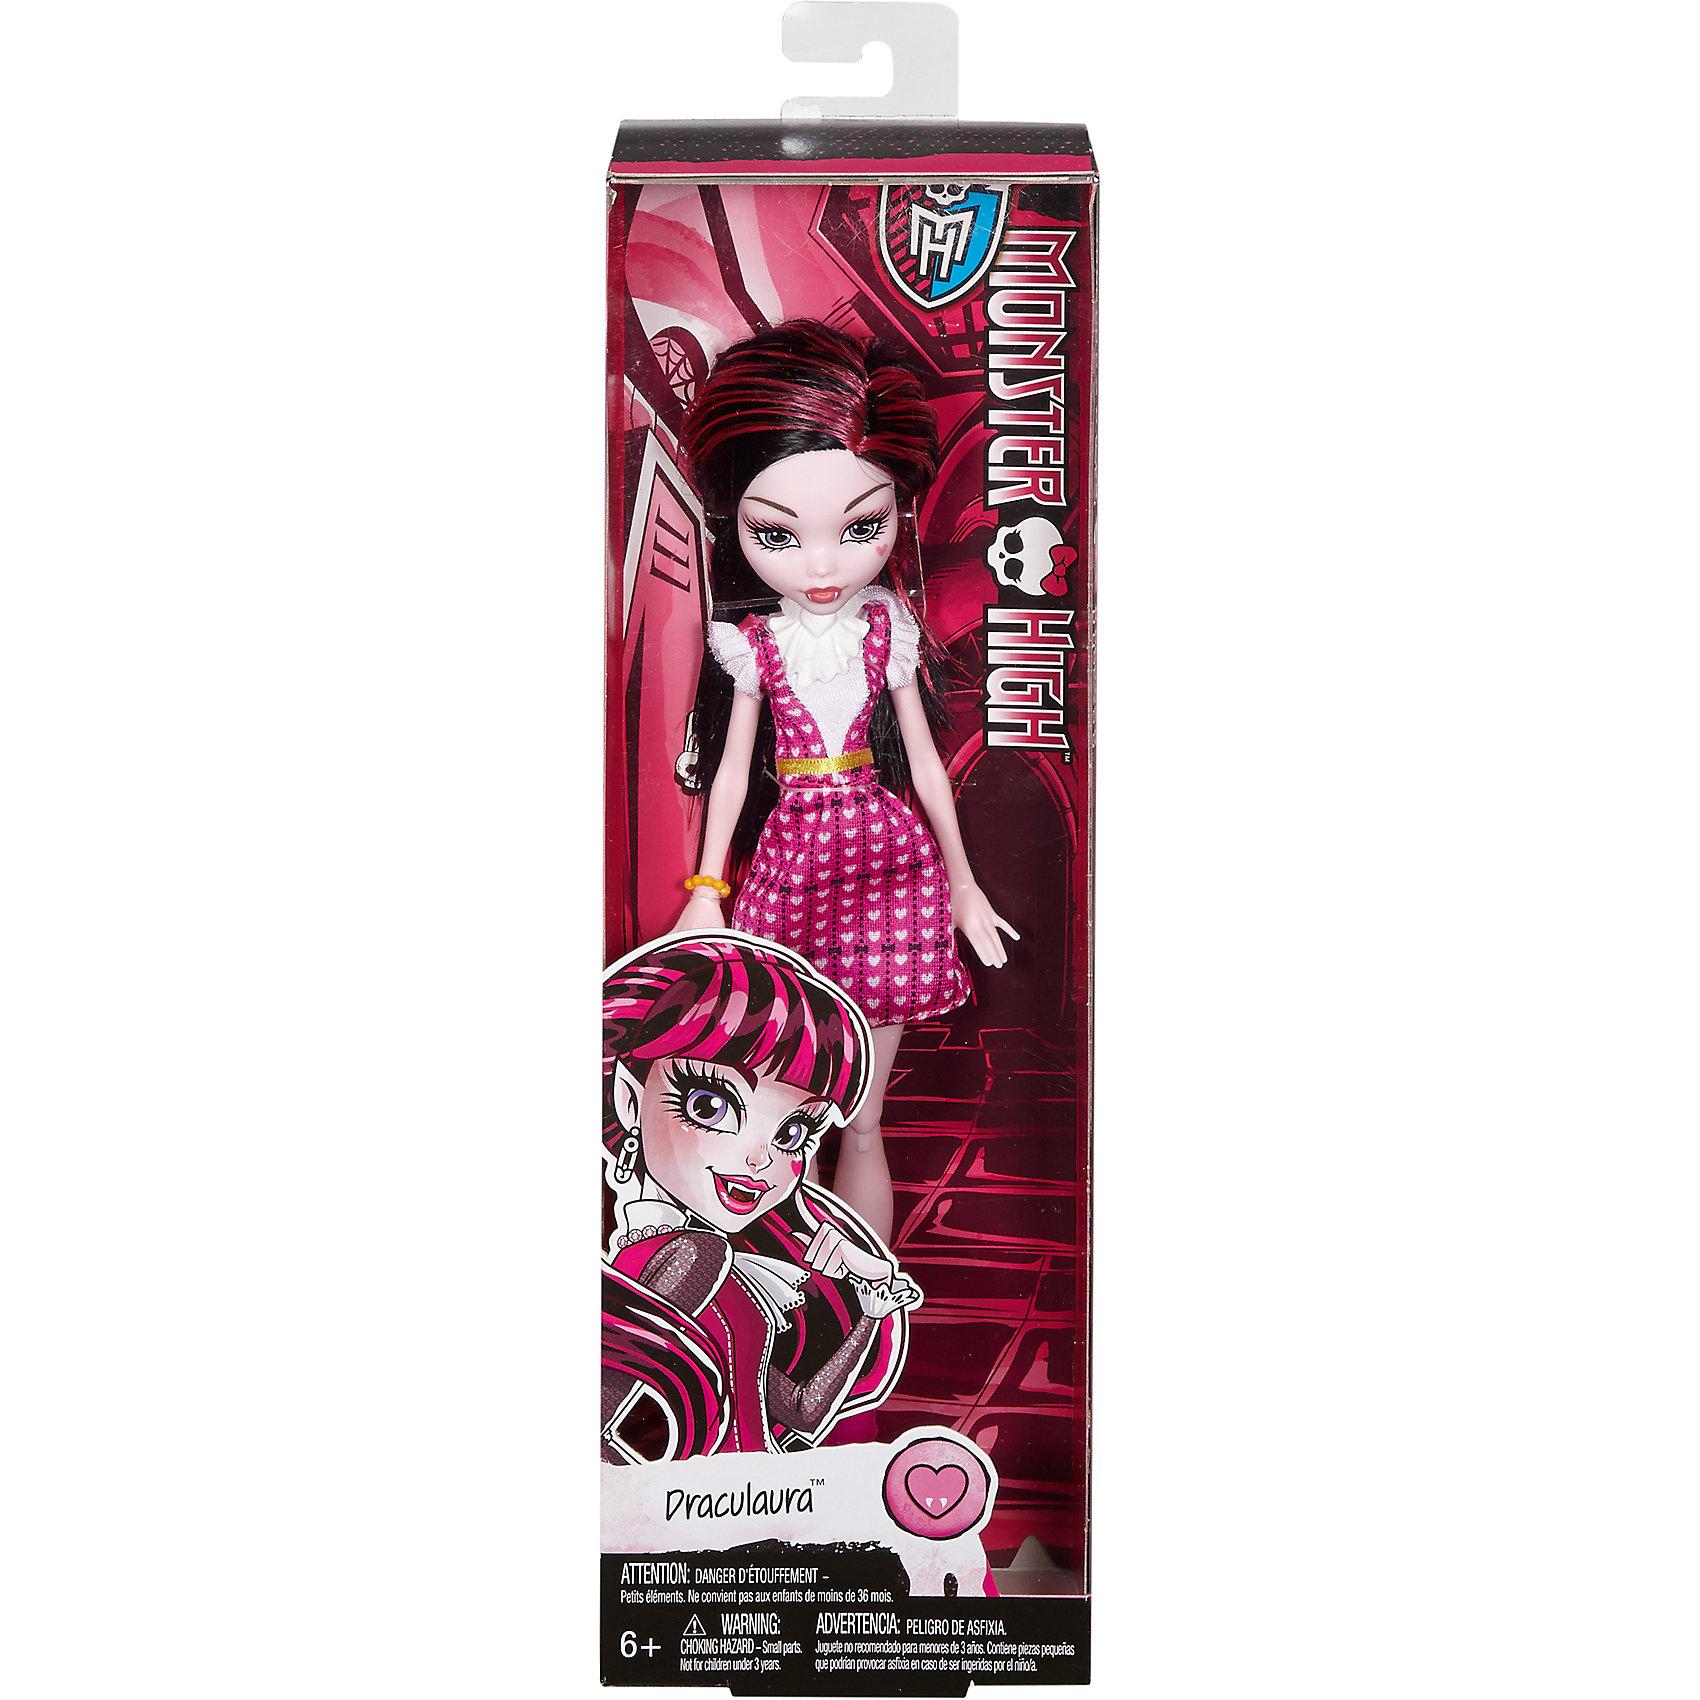 Базовая кукла Дракулаура Monster HighБазовая кукла Дракулаура Monster High – это отличный подарок для маленькой поклонницы школы Monster High!<br>Очаровательная дочка Дракулы – Дракулаура предстала перед нами в новом, скромном и стильном обличии. Она готова к занятиям в своей жуткой школе — и к леденящим кровь приключениям за ее пределами. Кукла одета в белую блузку и короткий сарафан розового цвета, покрытый принтом из сердец, на ногах - стильные розовые ботиночки на каблуках. Тщательно продуманный образ дополняют ожерелье-воротник с крылатым сердечком и яркие желтые ремешок и браслет. Макияж выполнен в нежно-розовых тонах, на левой щеке родинка в виде розового сердца. Густые волосы, окрашенные в черный цвет, с несколькими прядями насыщенно-розового цвета можно расчесывать. Цвет кожи, клыки и заостренные ушки - маленький намек на вампирское родство. В коленях игрушки находятся шарнирные механизмы, благодаря чему у куклы двигаются и сгибаются ноги. Локтевых шарниров нет. Кукла изготовлена из качественного, безопасного для детей материала.<br><br>Дополнительная информация:<br><br>- В комплекте: кукла; аксессуары<br>- Высота куклы: 26 см.<br>- Материал: пластик, текстиль<br><br>Базовую куклу Дракулаура Monster High можно купить в нашем интернет-магазине.<br><br>Ширина мм: 60<br>Глубина мм: 105<br>Высота мм: 330<br>Вес г: 238<br>Возраст от месяцев: 72<br>Возраст до месяцев: 144<br>Пол: Женский<br>Возраст: Детский<br>SKU: 4753058